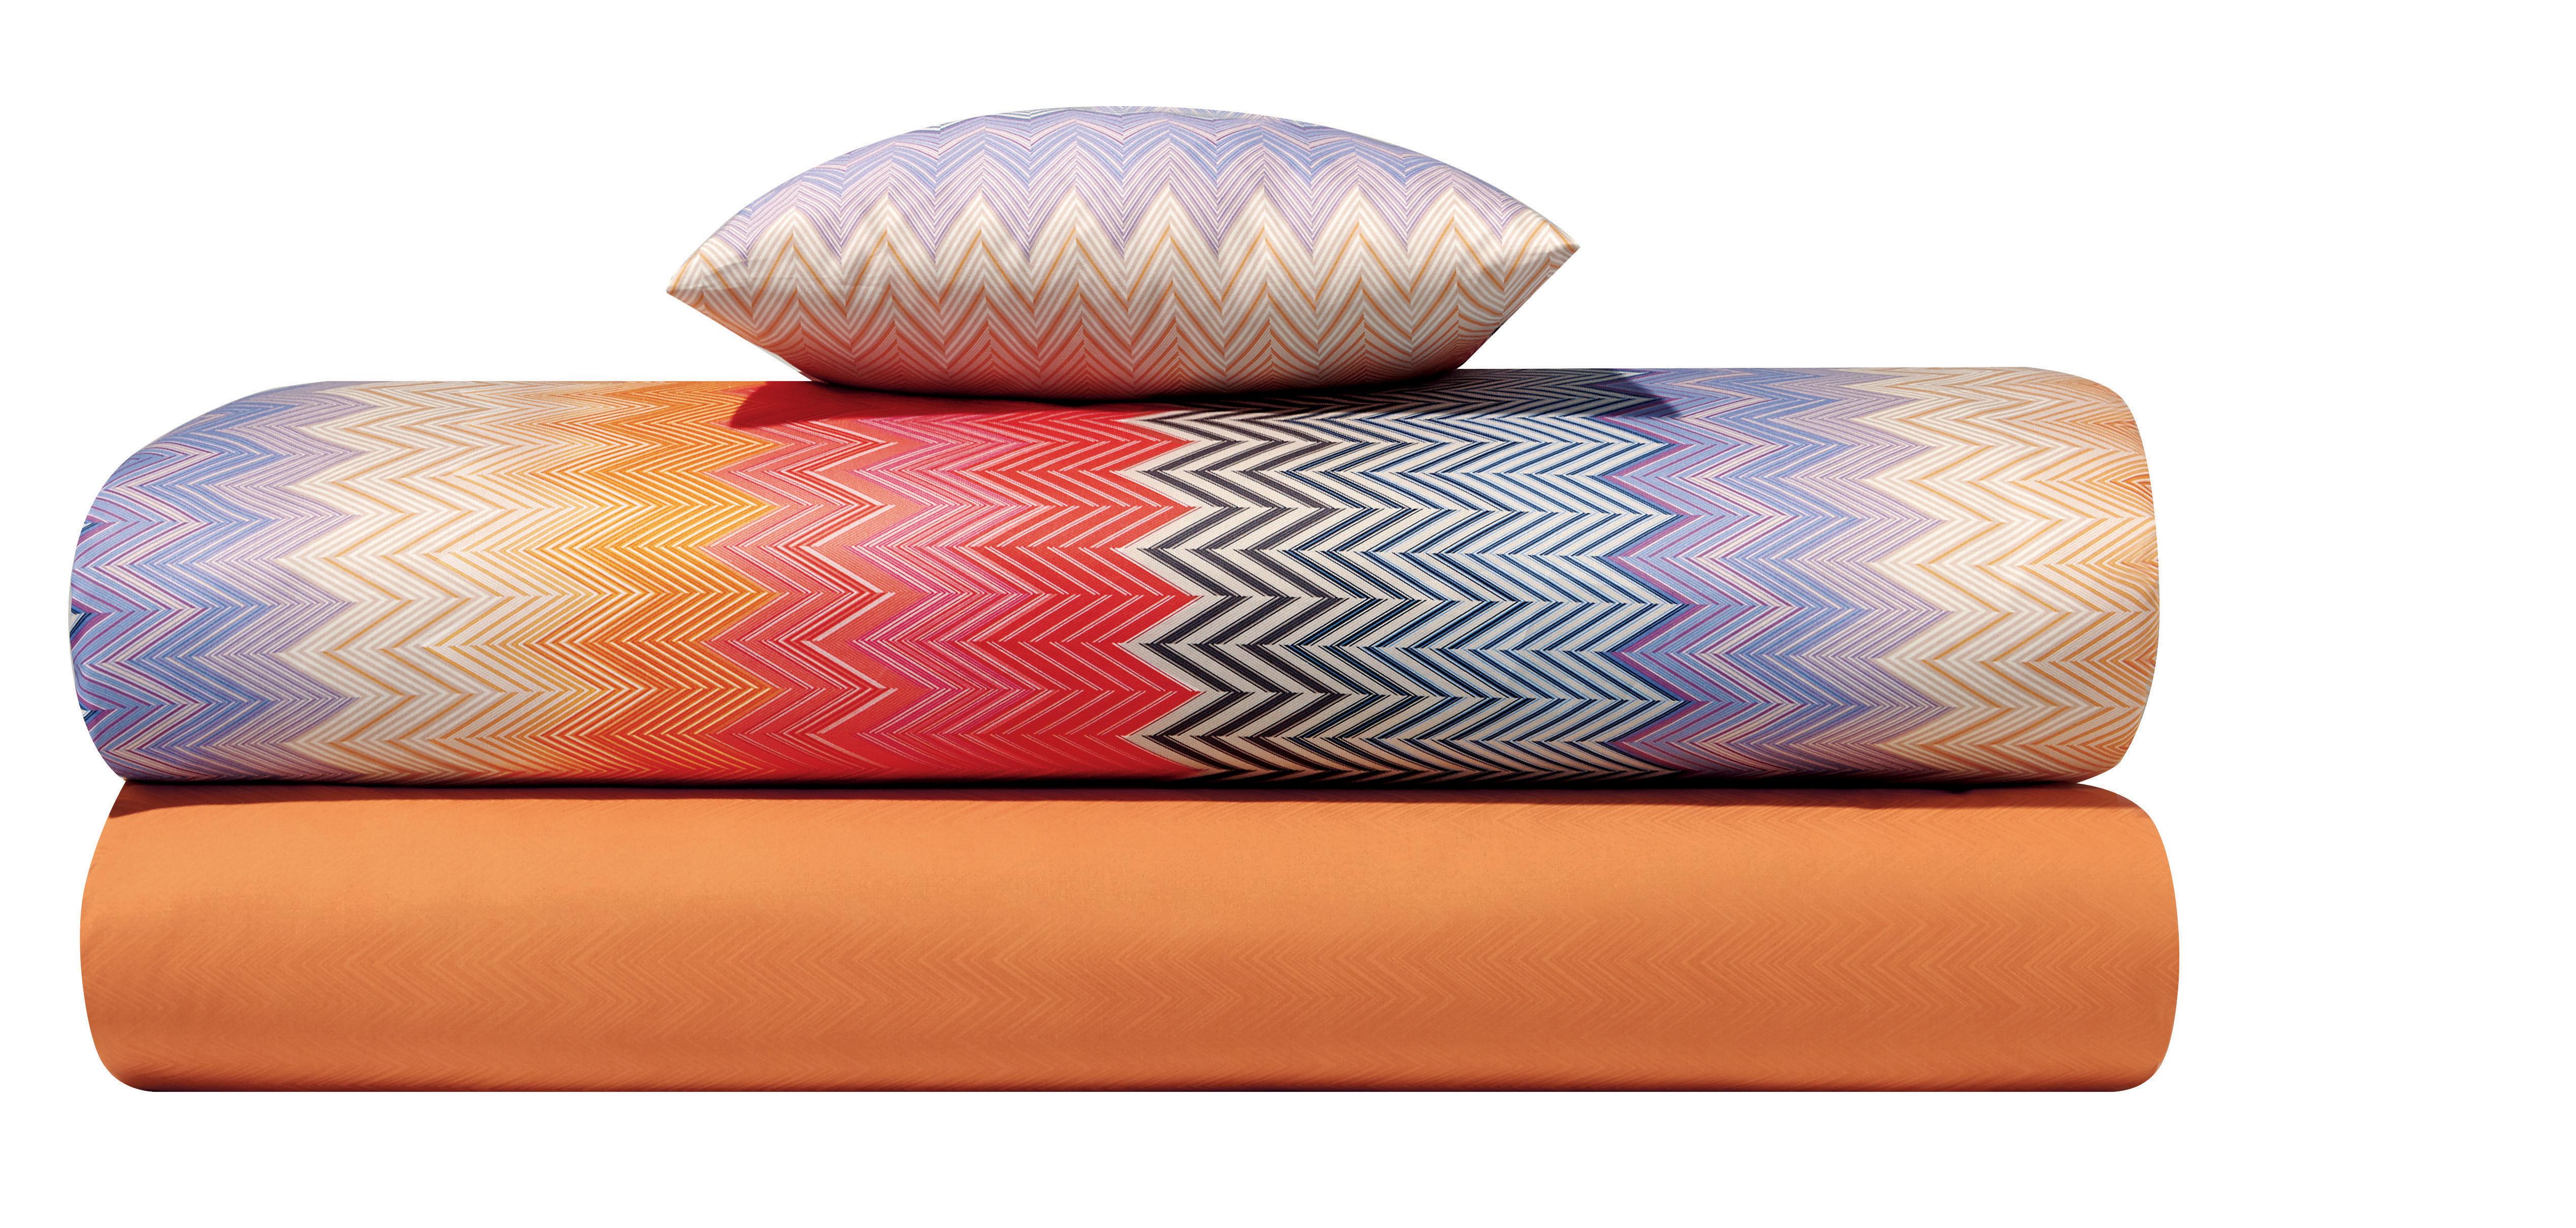 Joop Handtücher Set war perfekt design für ihr haus ideen